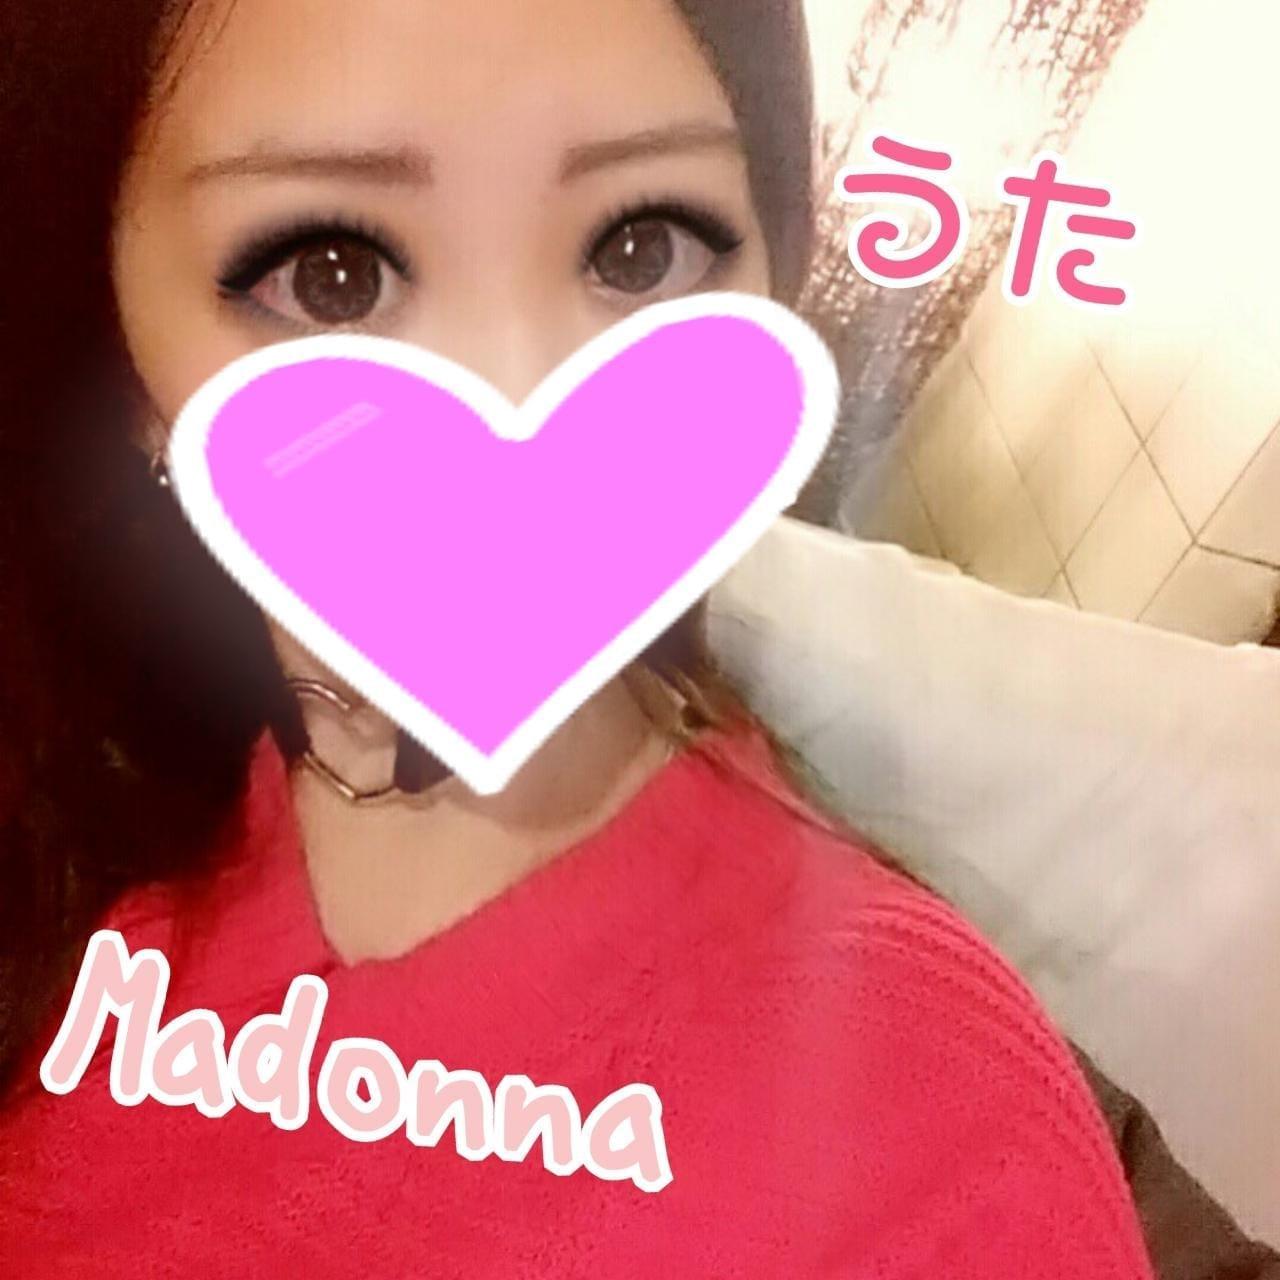 「出勤決まったよ( ?????? )」11/19(月) 22:15 | ウタの写メ・風俗動画